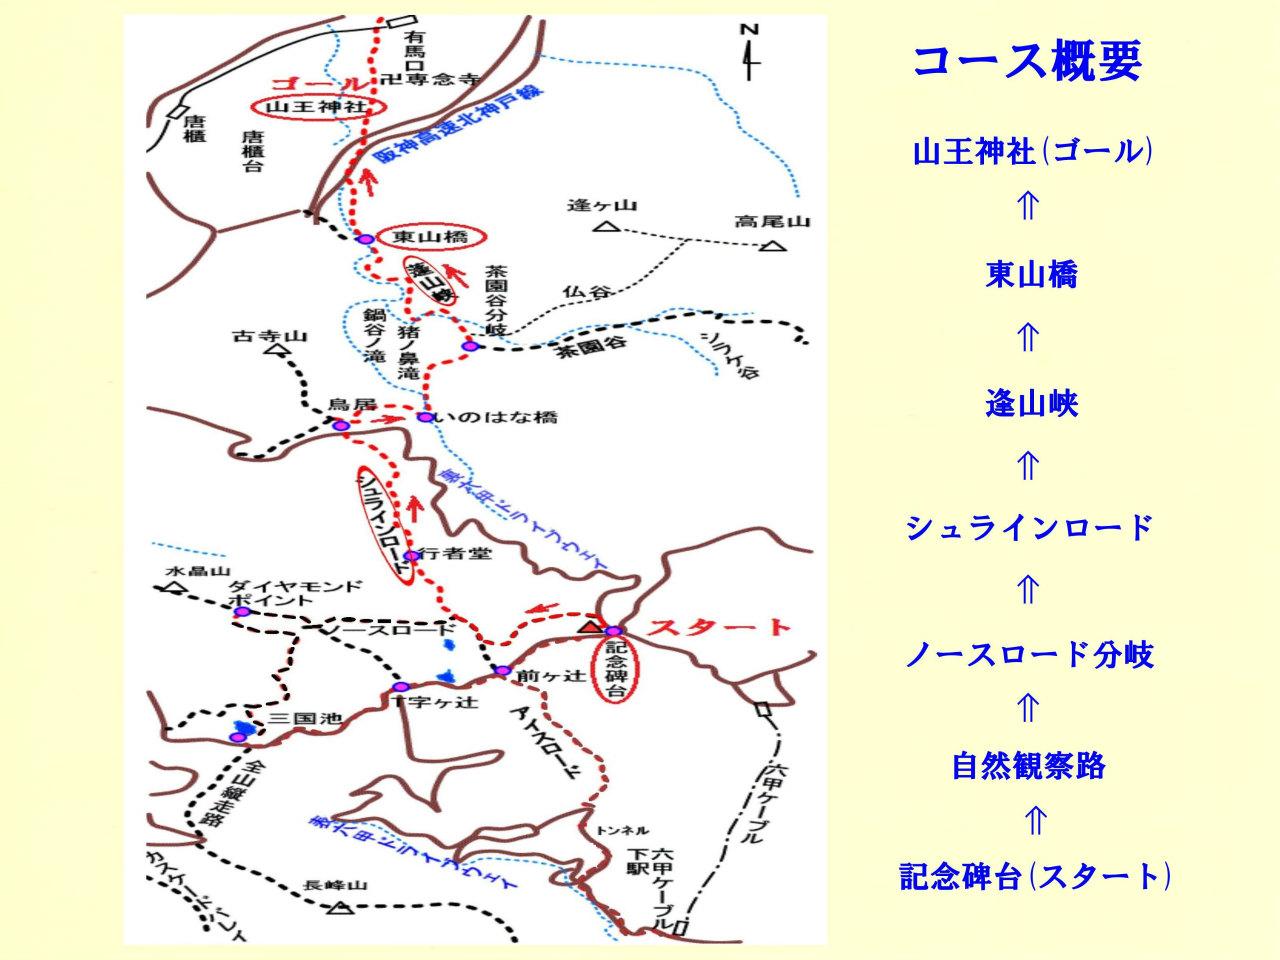 01a コース概要マップ